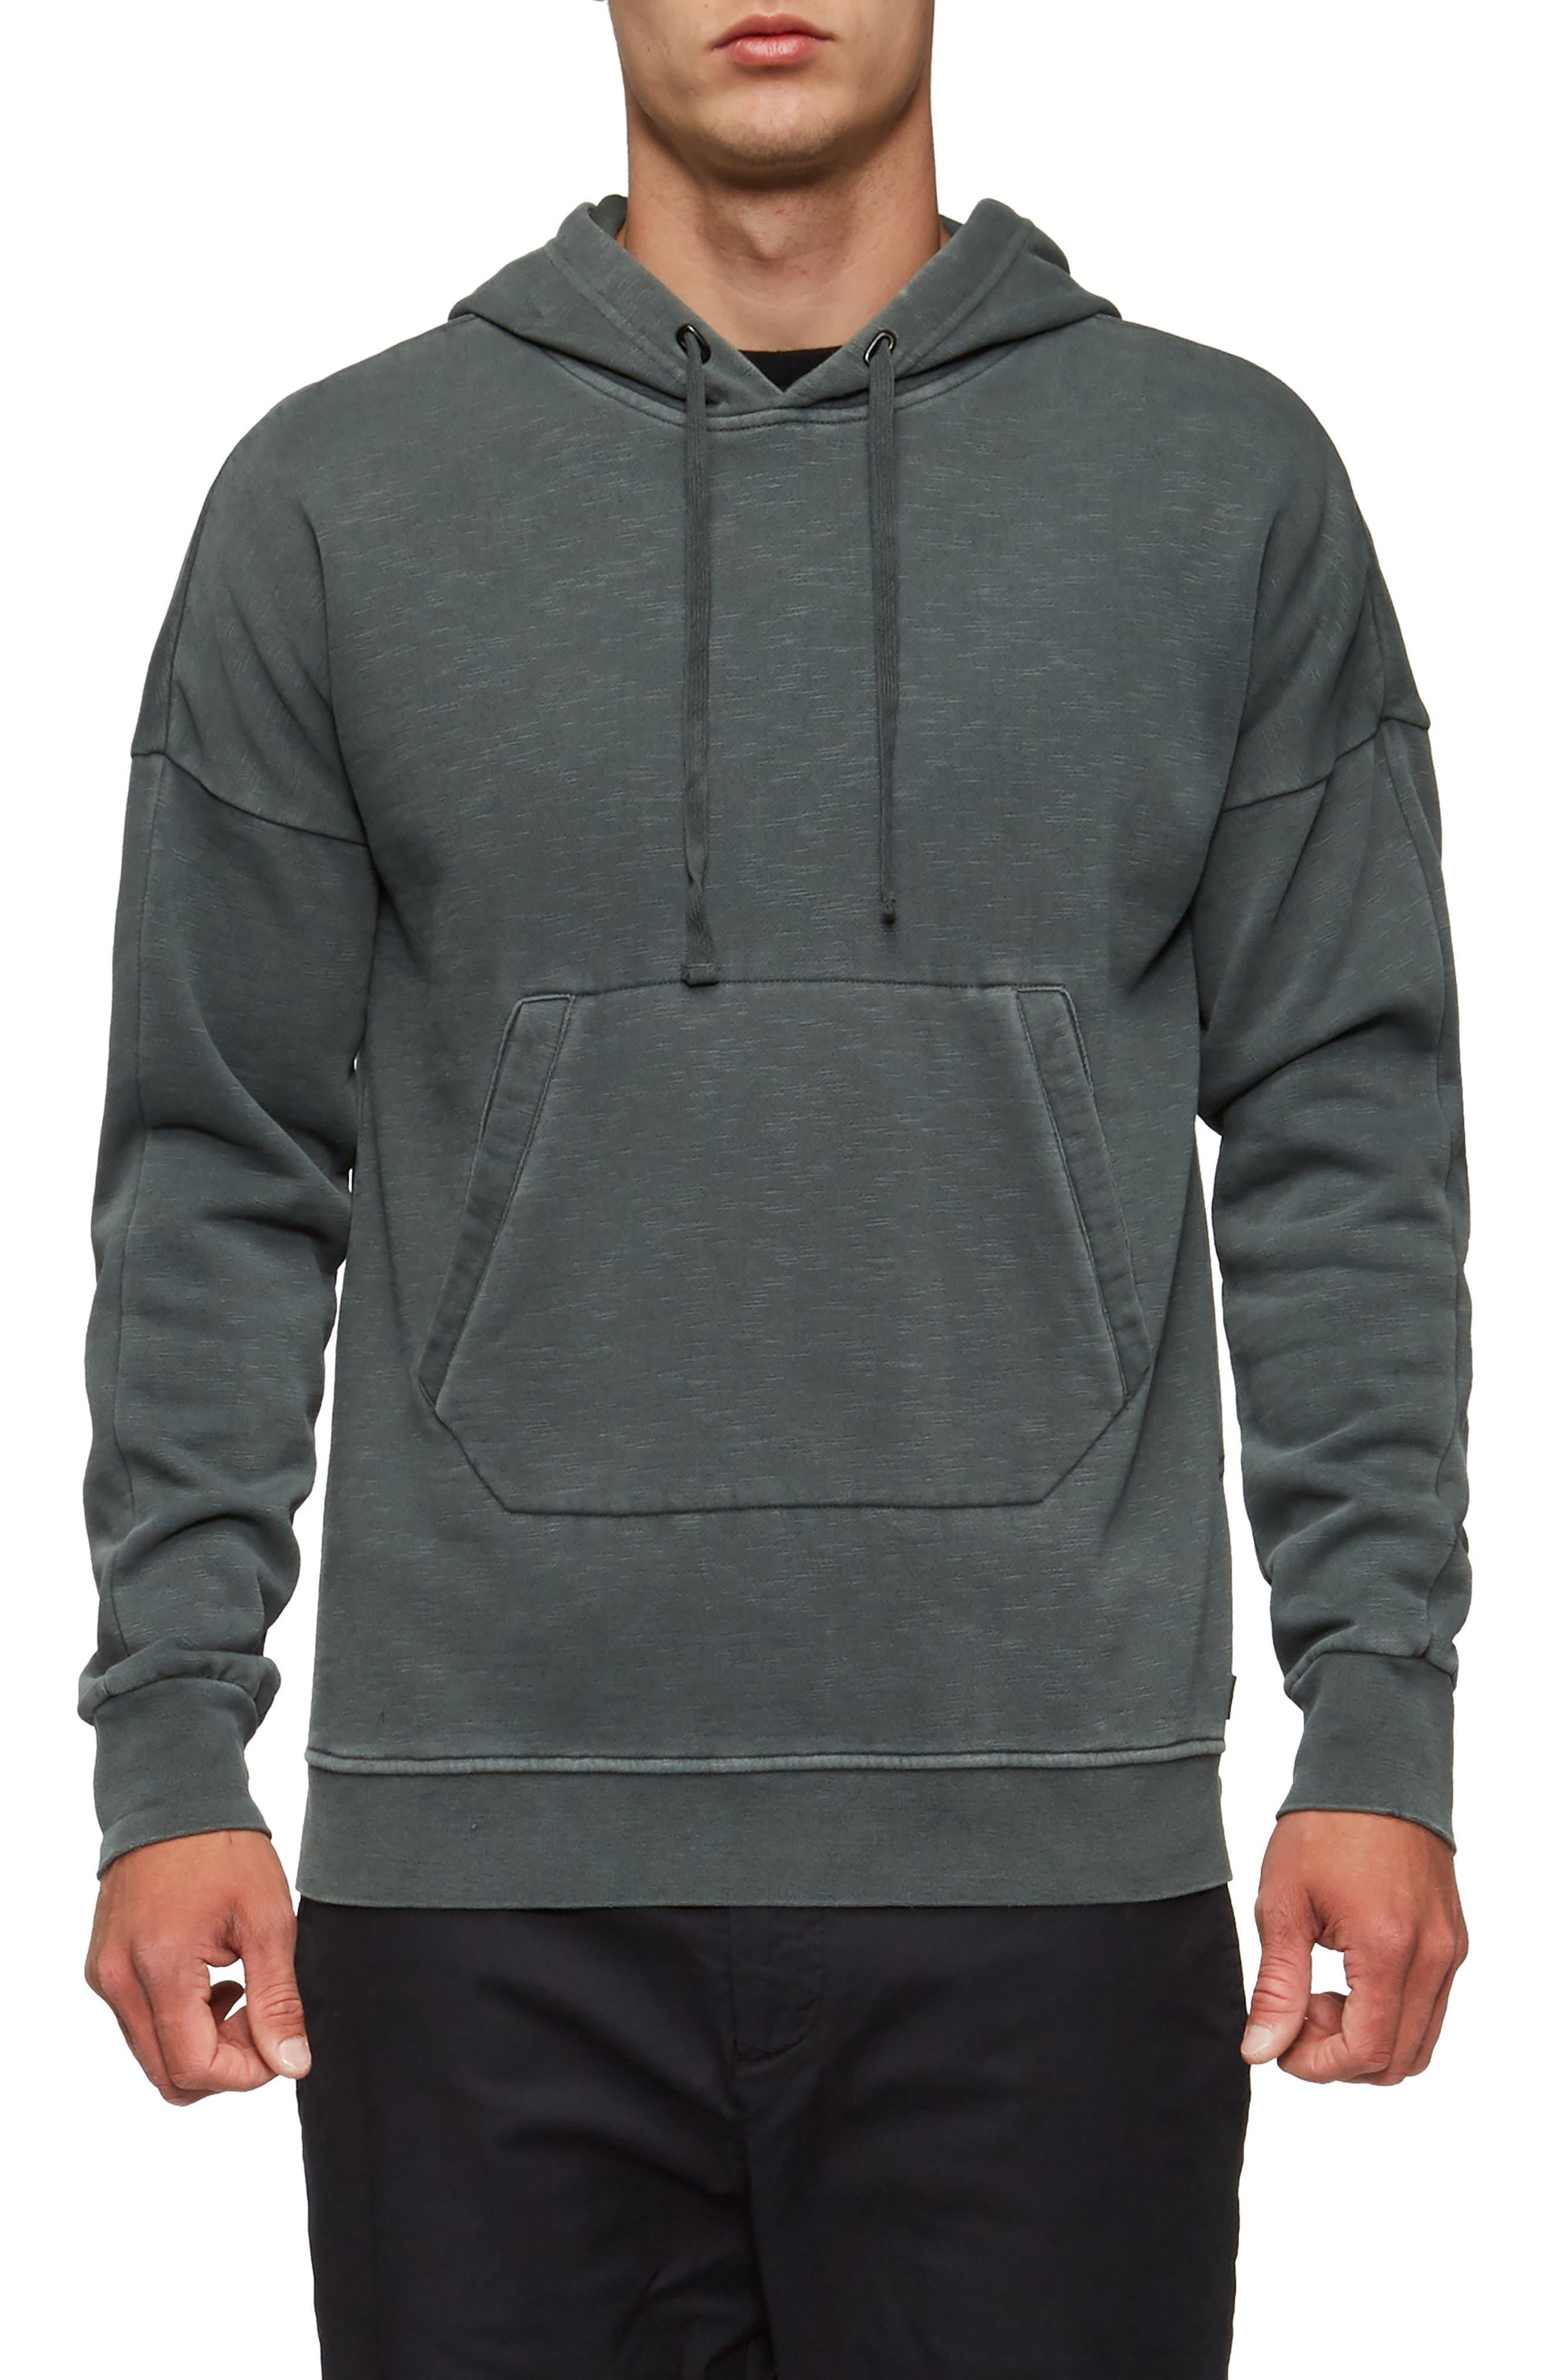 Alternate Image 1 Selected - TAVIK Turf Hooded Sweatshirt